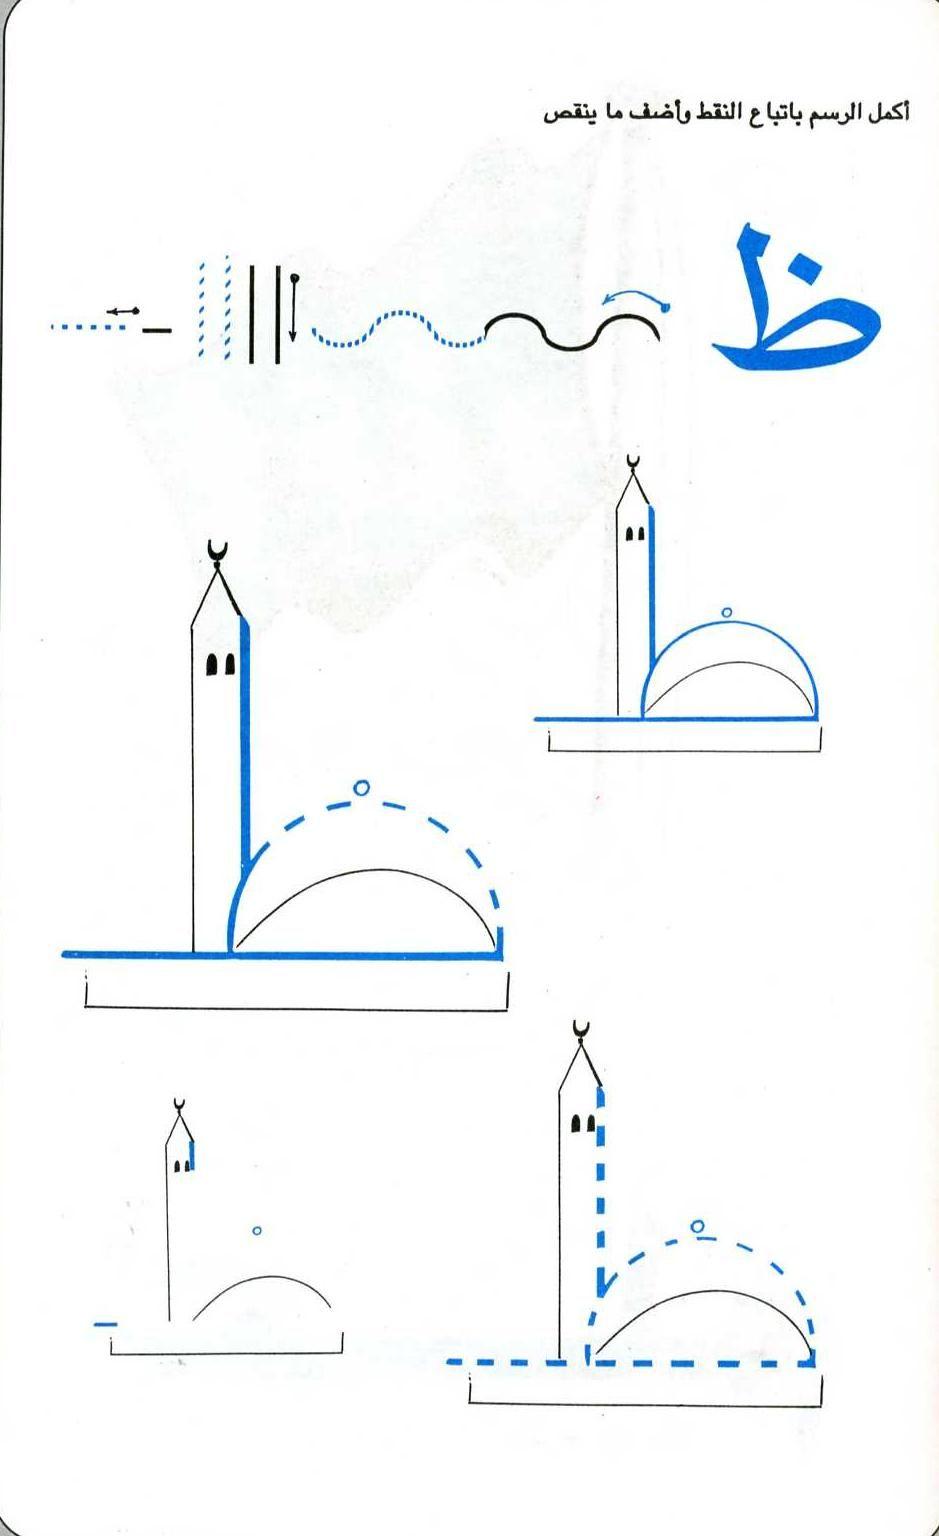 تعليم رسم الحروف الهجائية اوراق عمل لتعلم كتابة الحروف الهجائية تعليم الحروف للاط Learn Arabic Alphabet Arabic Alphabet Letters Arabic Alphabet